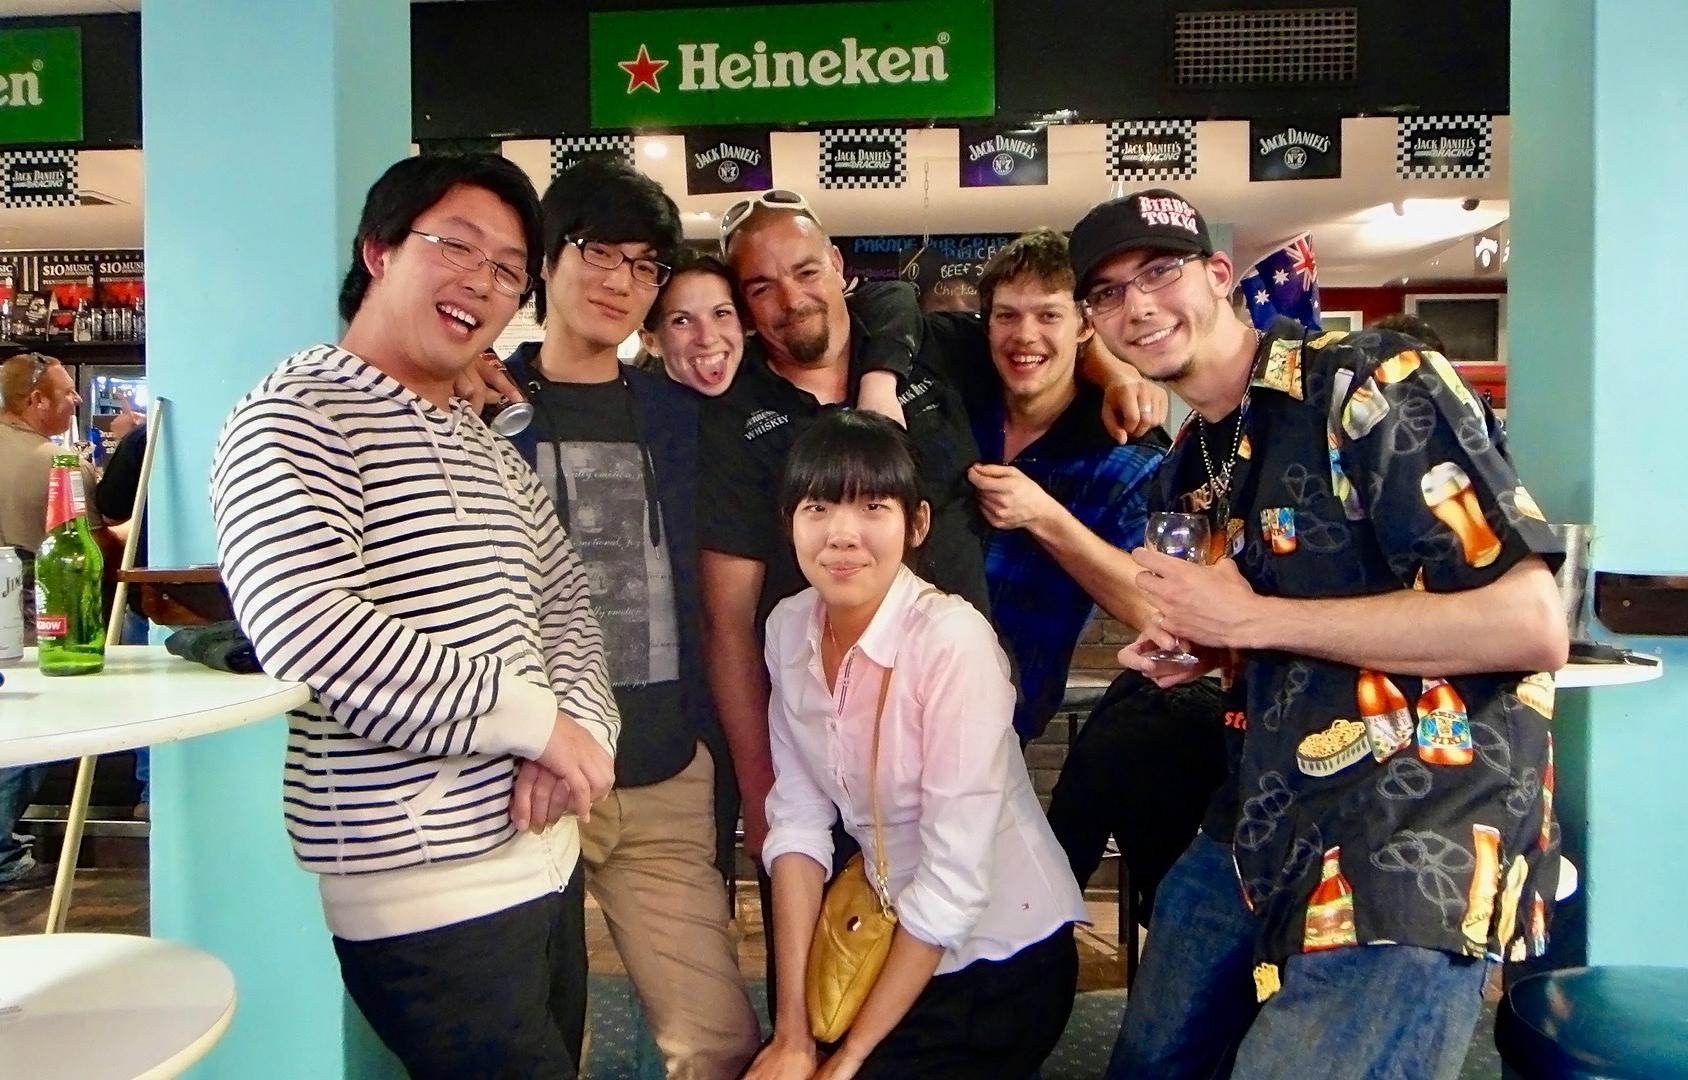 Bar에 모인 여러 인종의 친구들이 함께 모여 찍은 사진